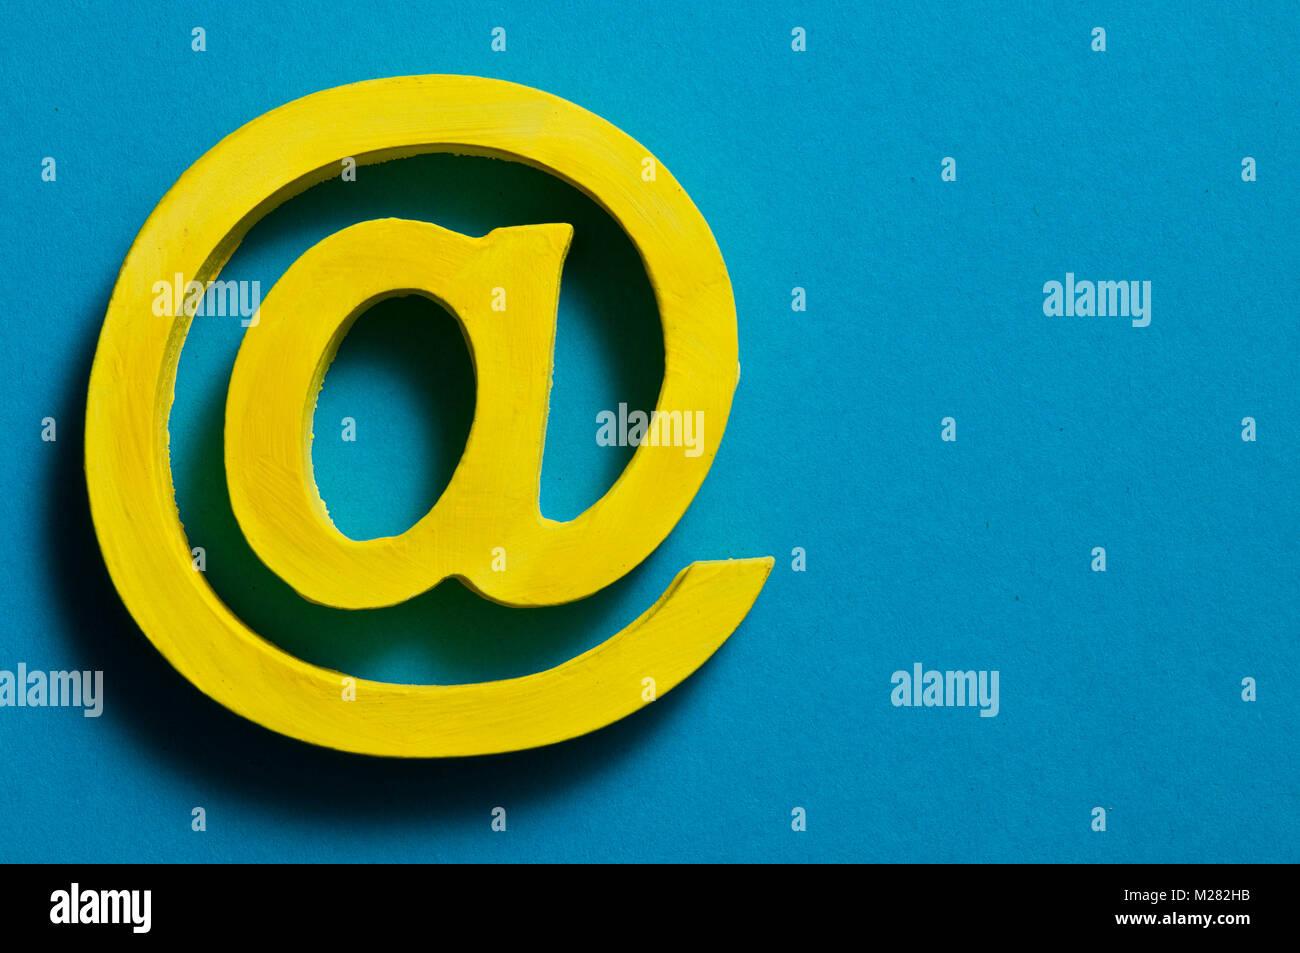 Segno @ per e-mail, giallo su blu Immagini Stock